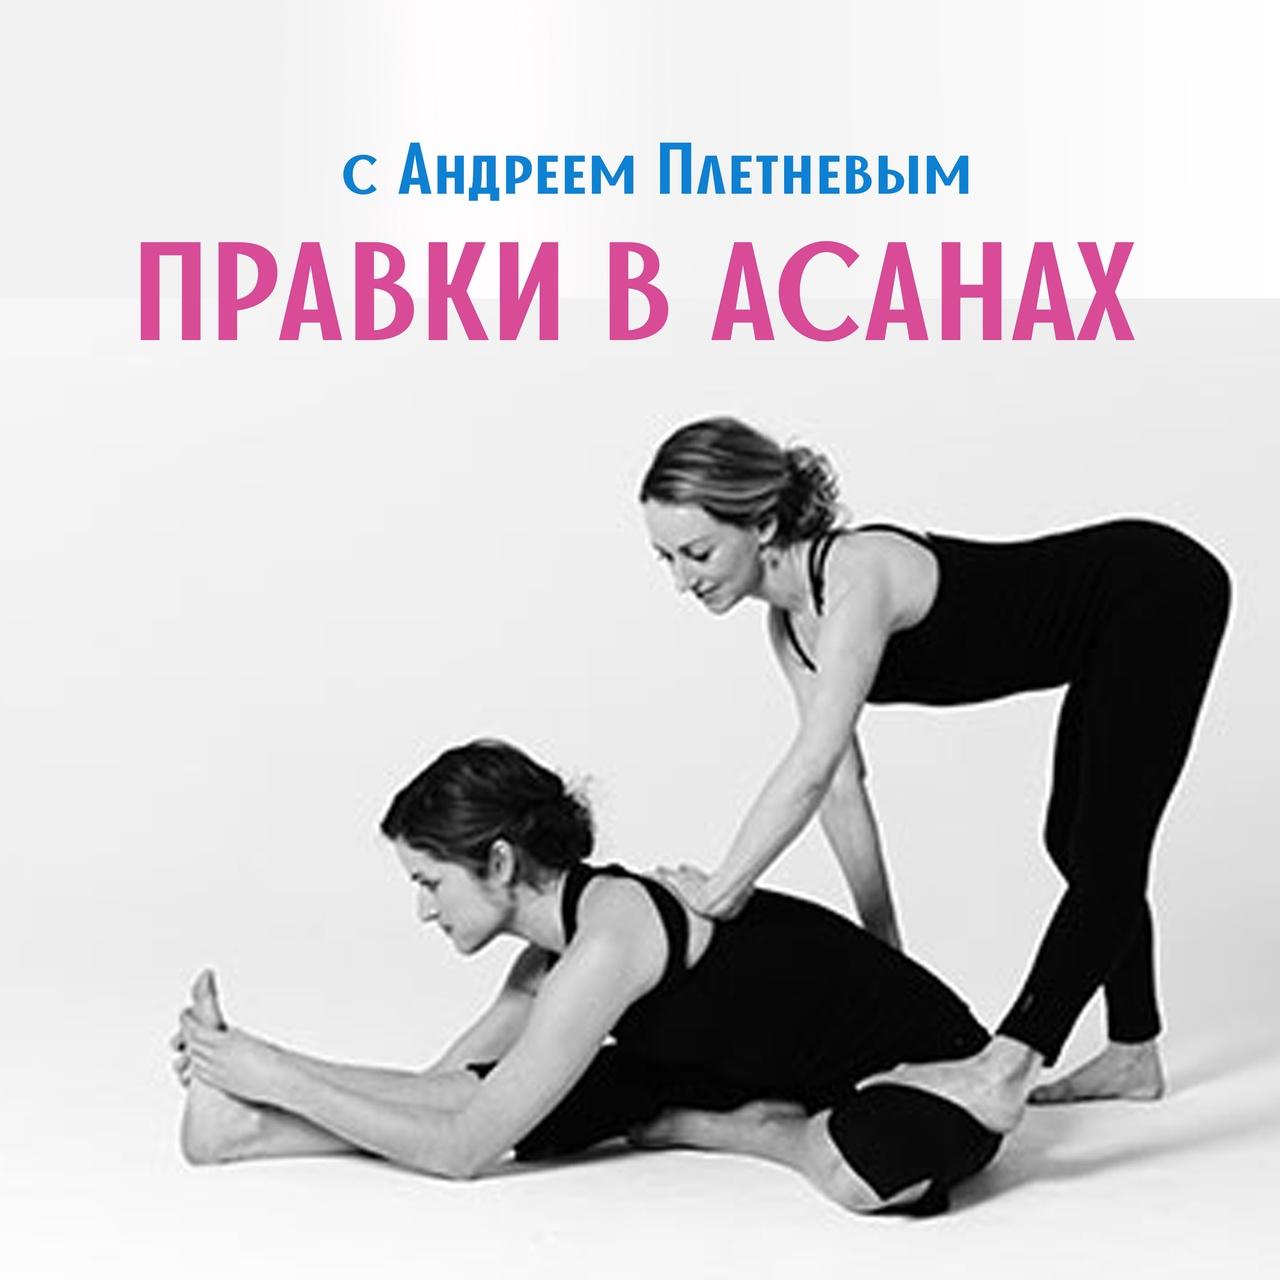 Афиша 25-26 сентября / ПРАВКИ В АСАНАХ